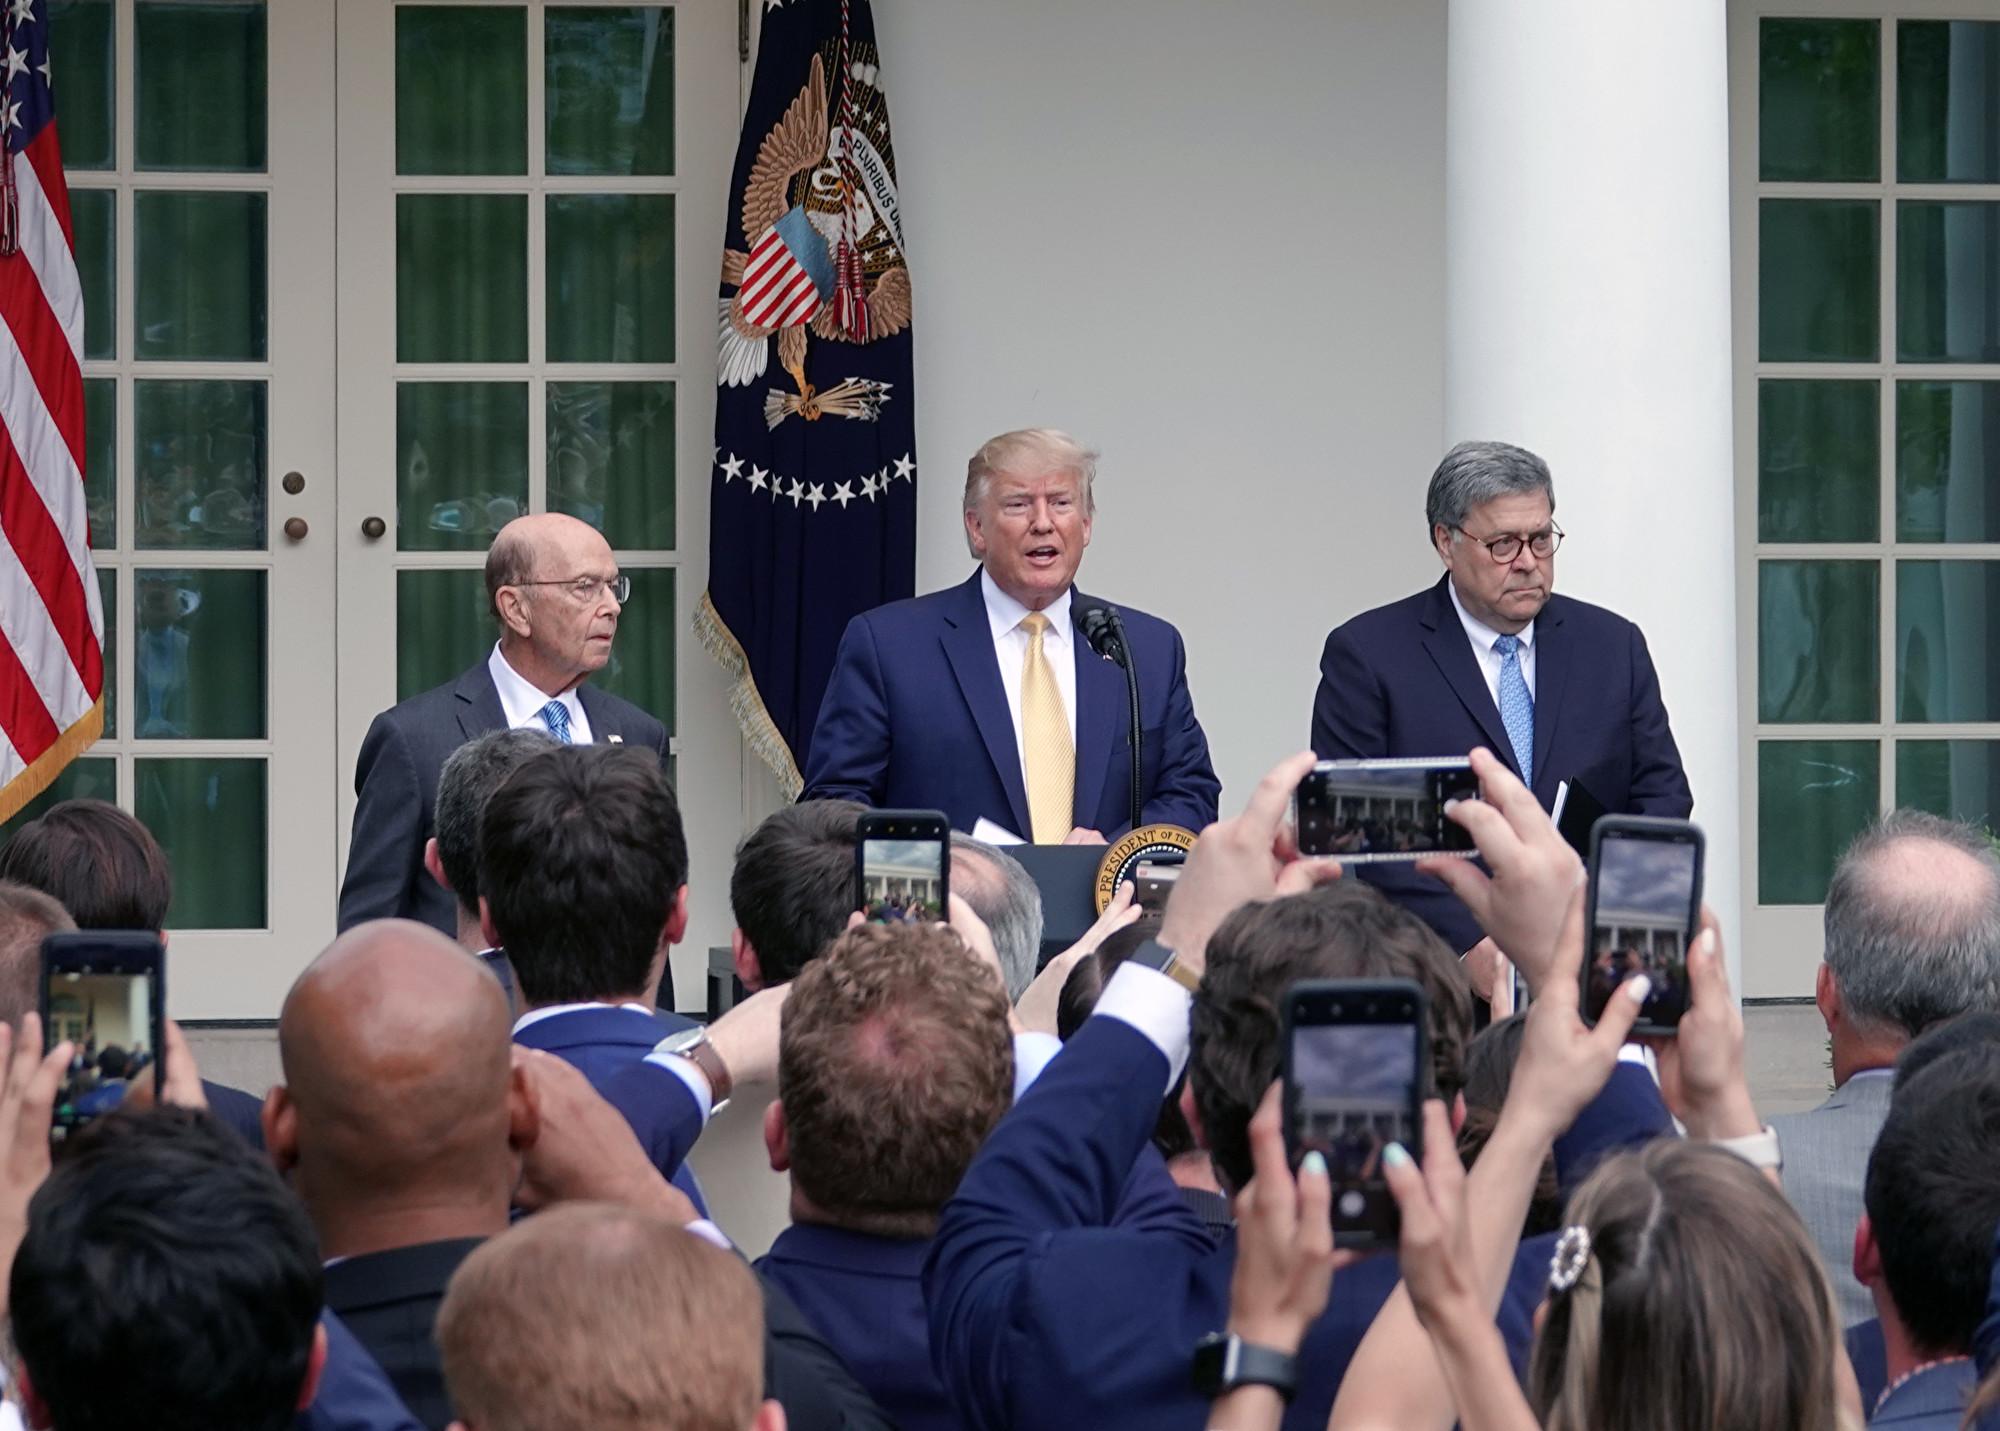 美國總統特朗普、商務部長羅斯、司法部長巴爾出席在白宮玫瑰園舉行的記者會。 (亦平/大紀元)